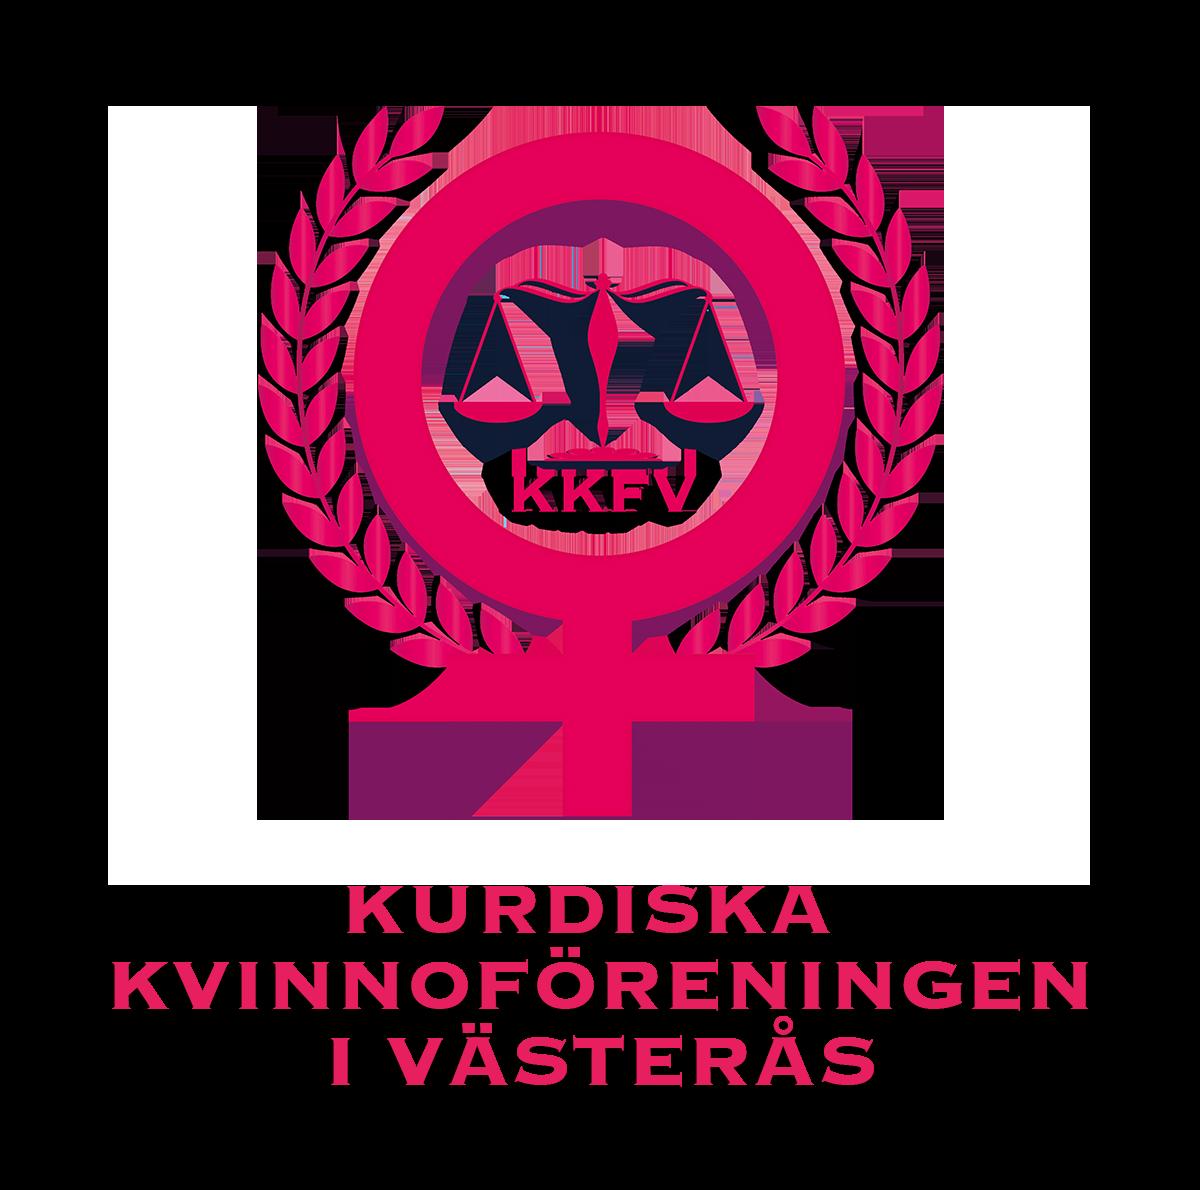 Kurdiska Kvinnoföreningen i Västerås